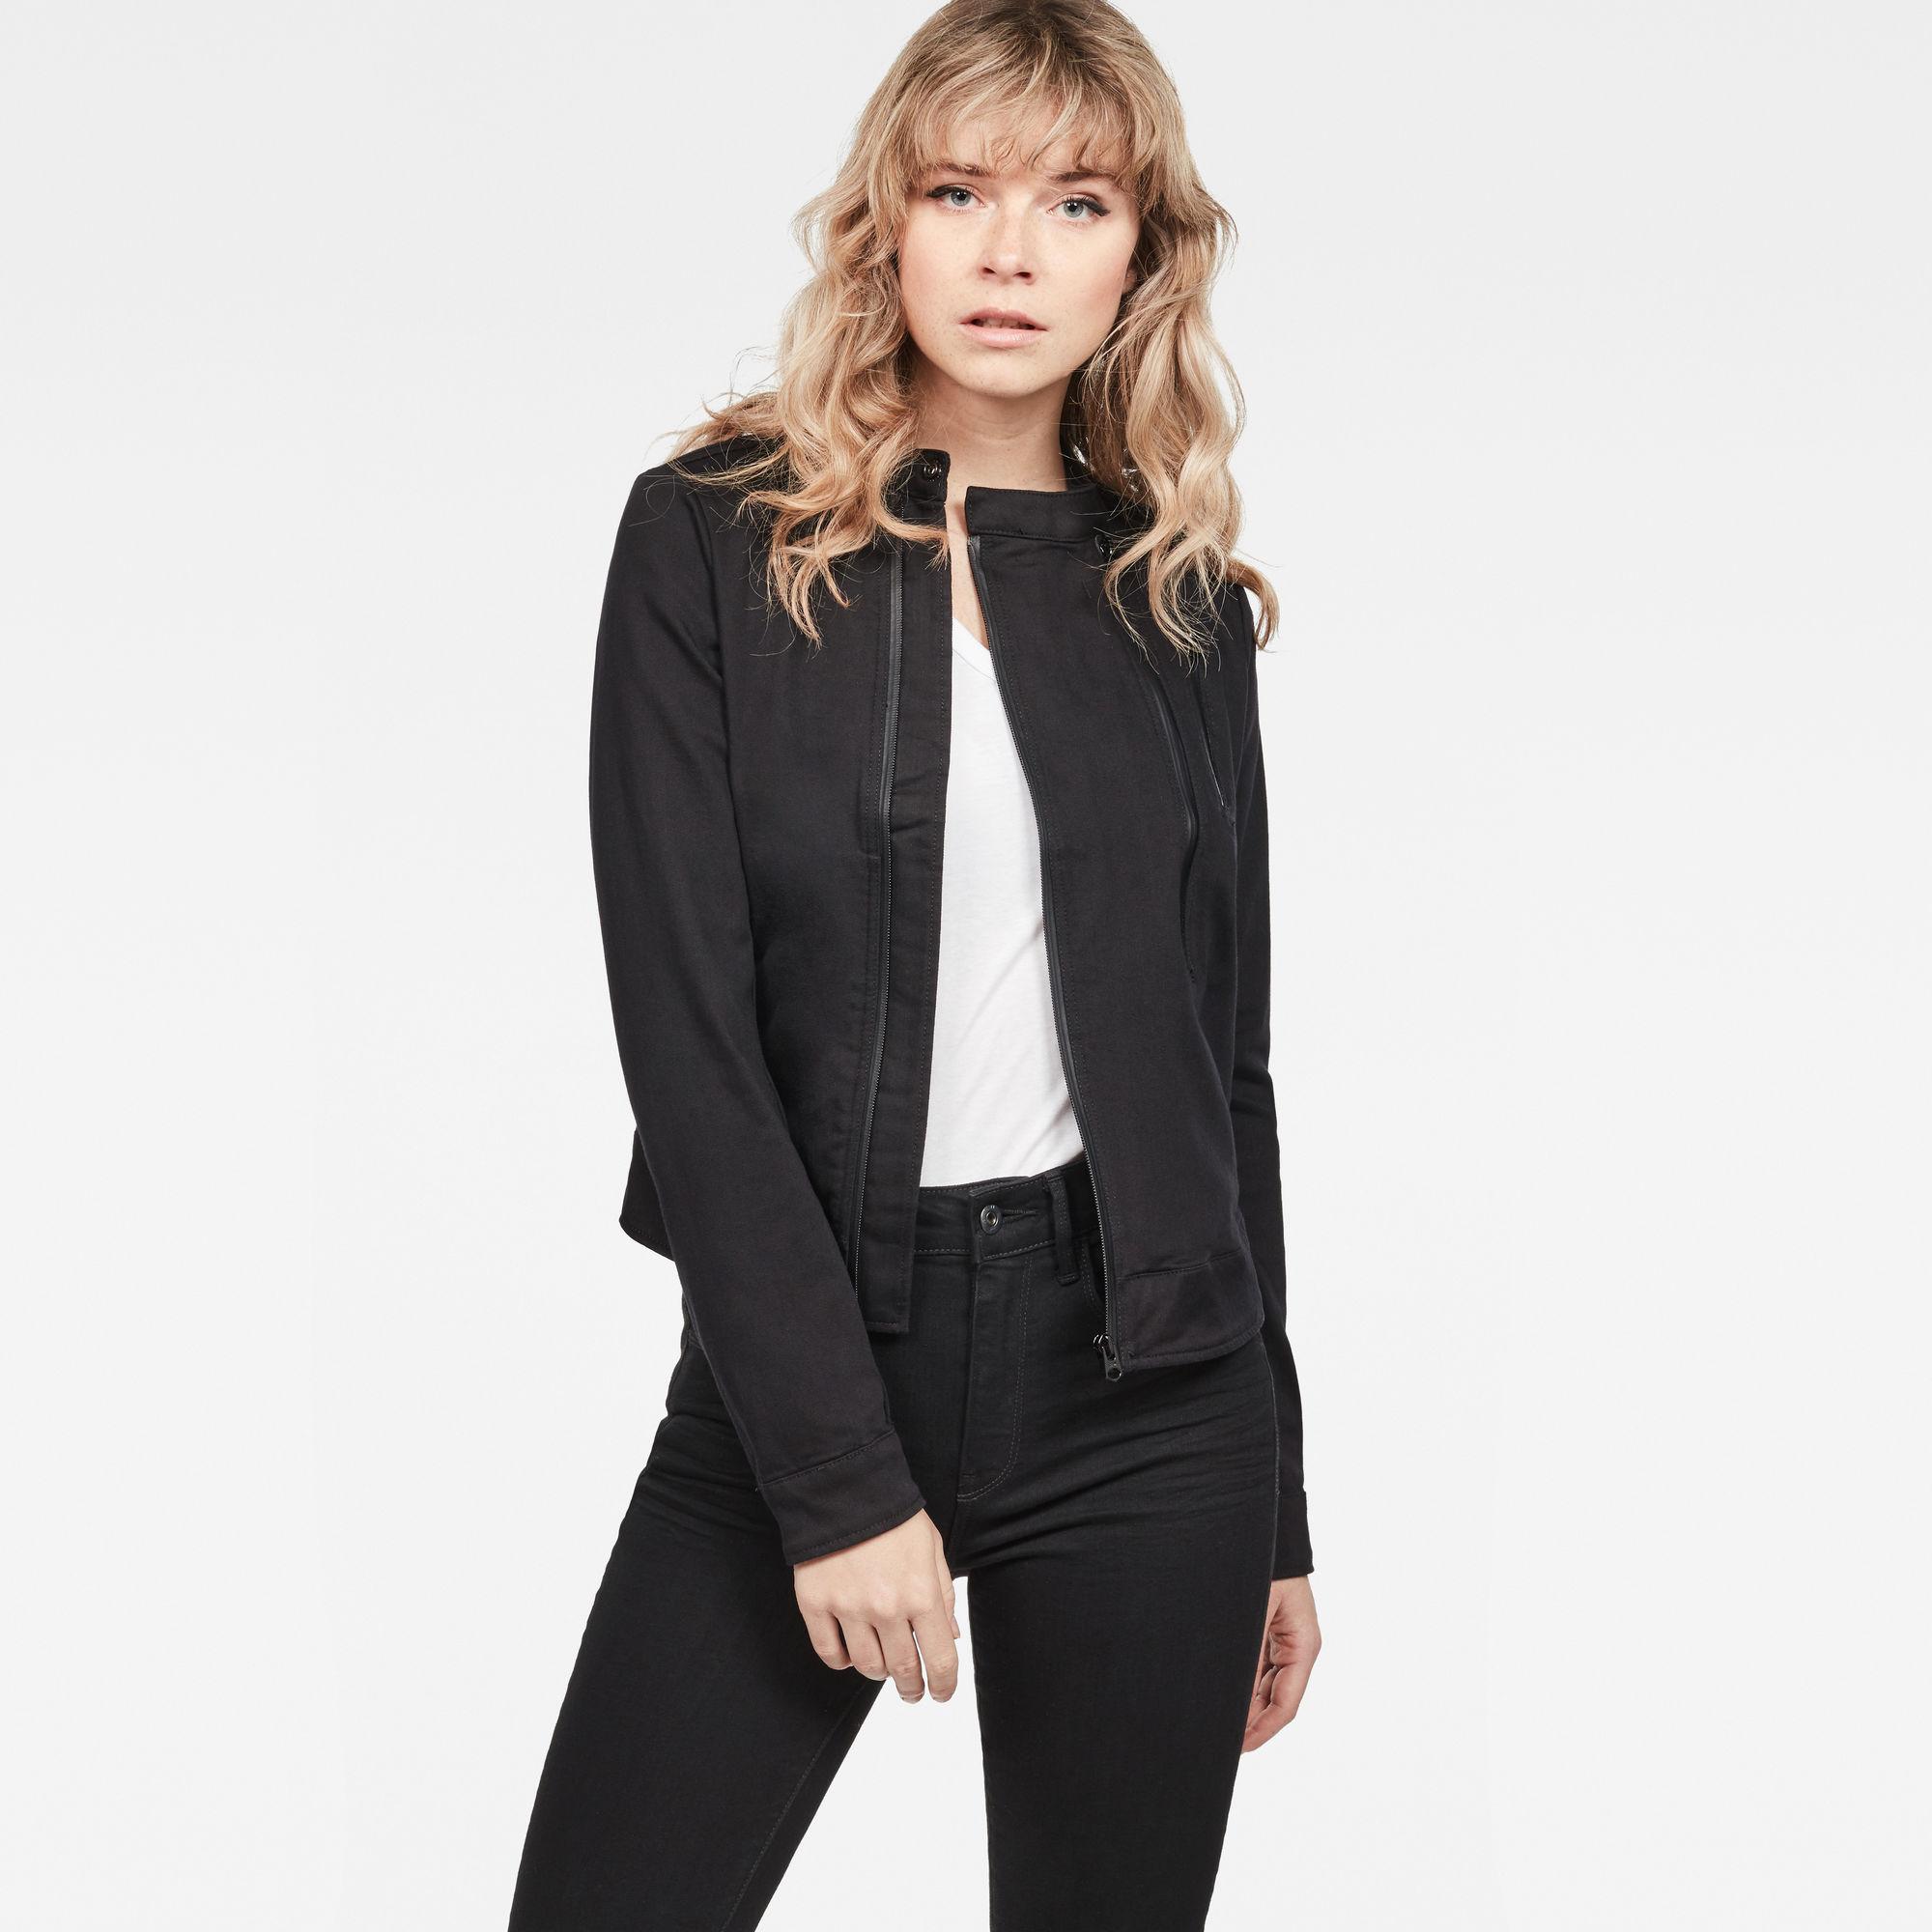 Lynn Lunar Slim Denim Jacket